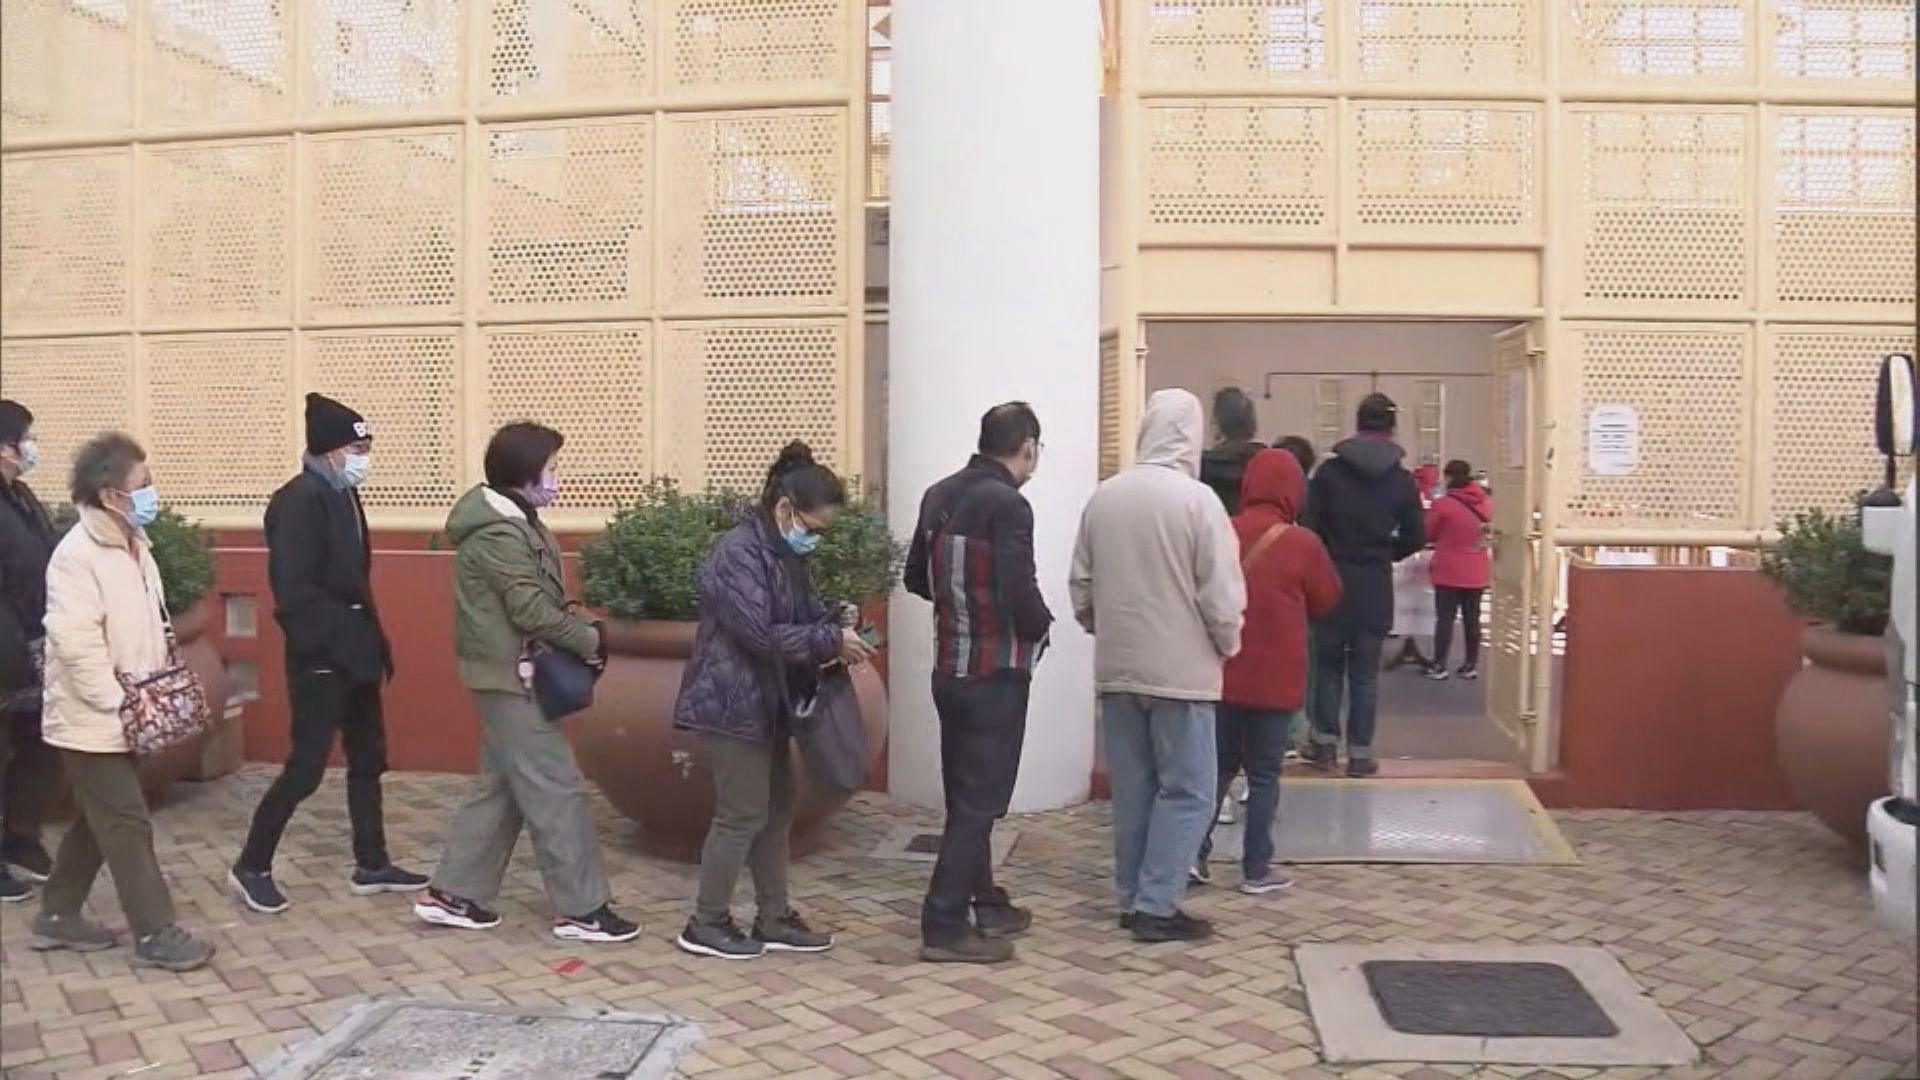 彩雲二邨啟輝樓需強制檢測 居民在寒風中大排長龍